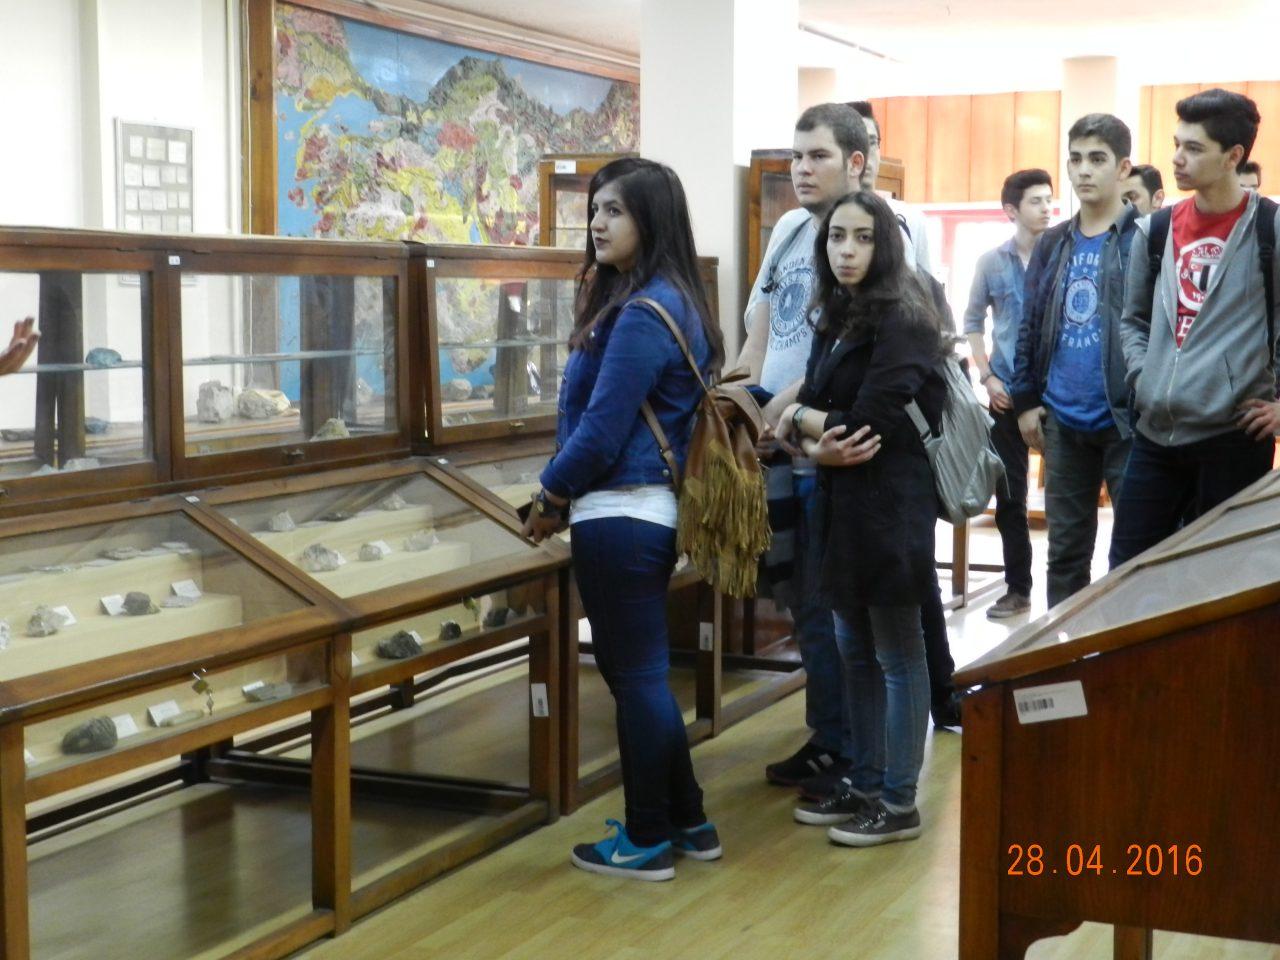 Lise Öğrencileri Bölüm Ziyareti